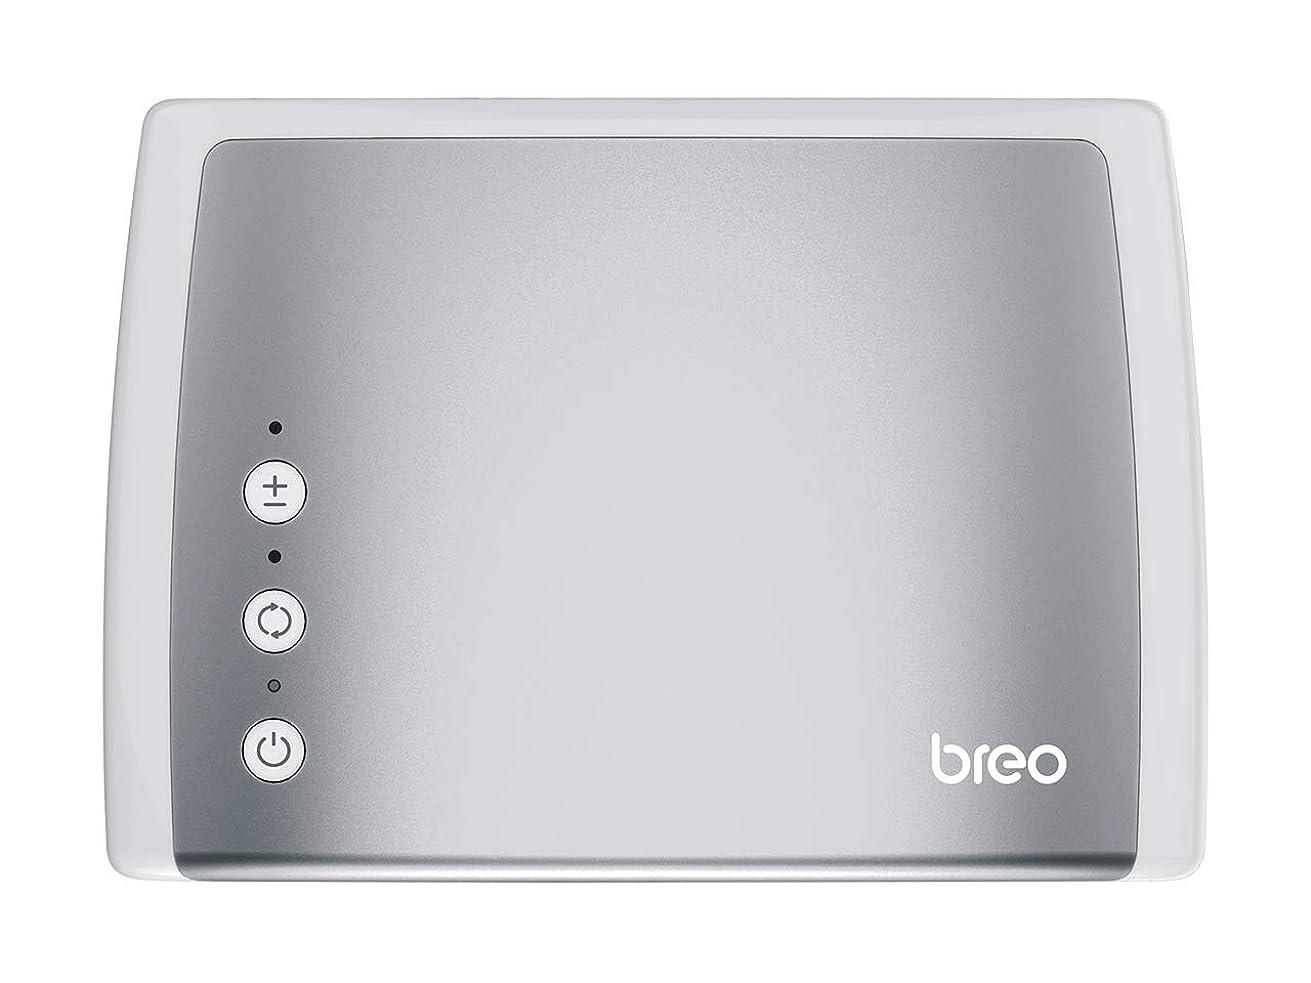 breo(ブレオ) iPalm2(アイパルム2) ハンドケア 乾電池式 コードレス 【正規品】